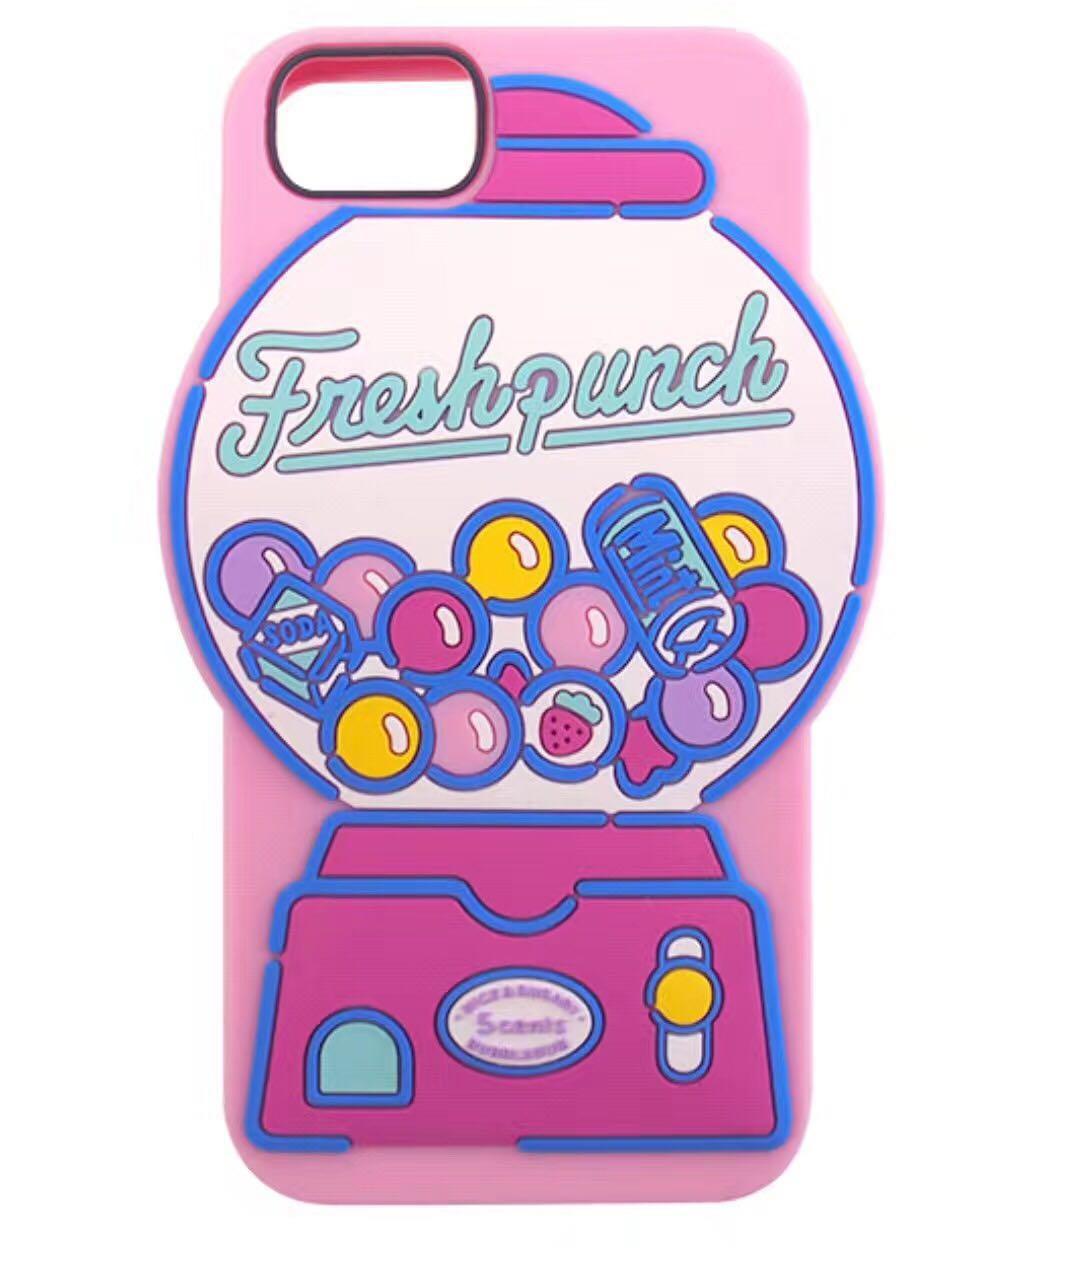 可爱粉色扭蛋机卡通硅胶iphone7plus手机壳苹果6s/6p防摔硅胶软套图片